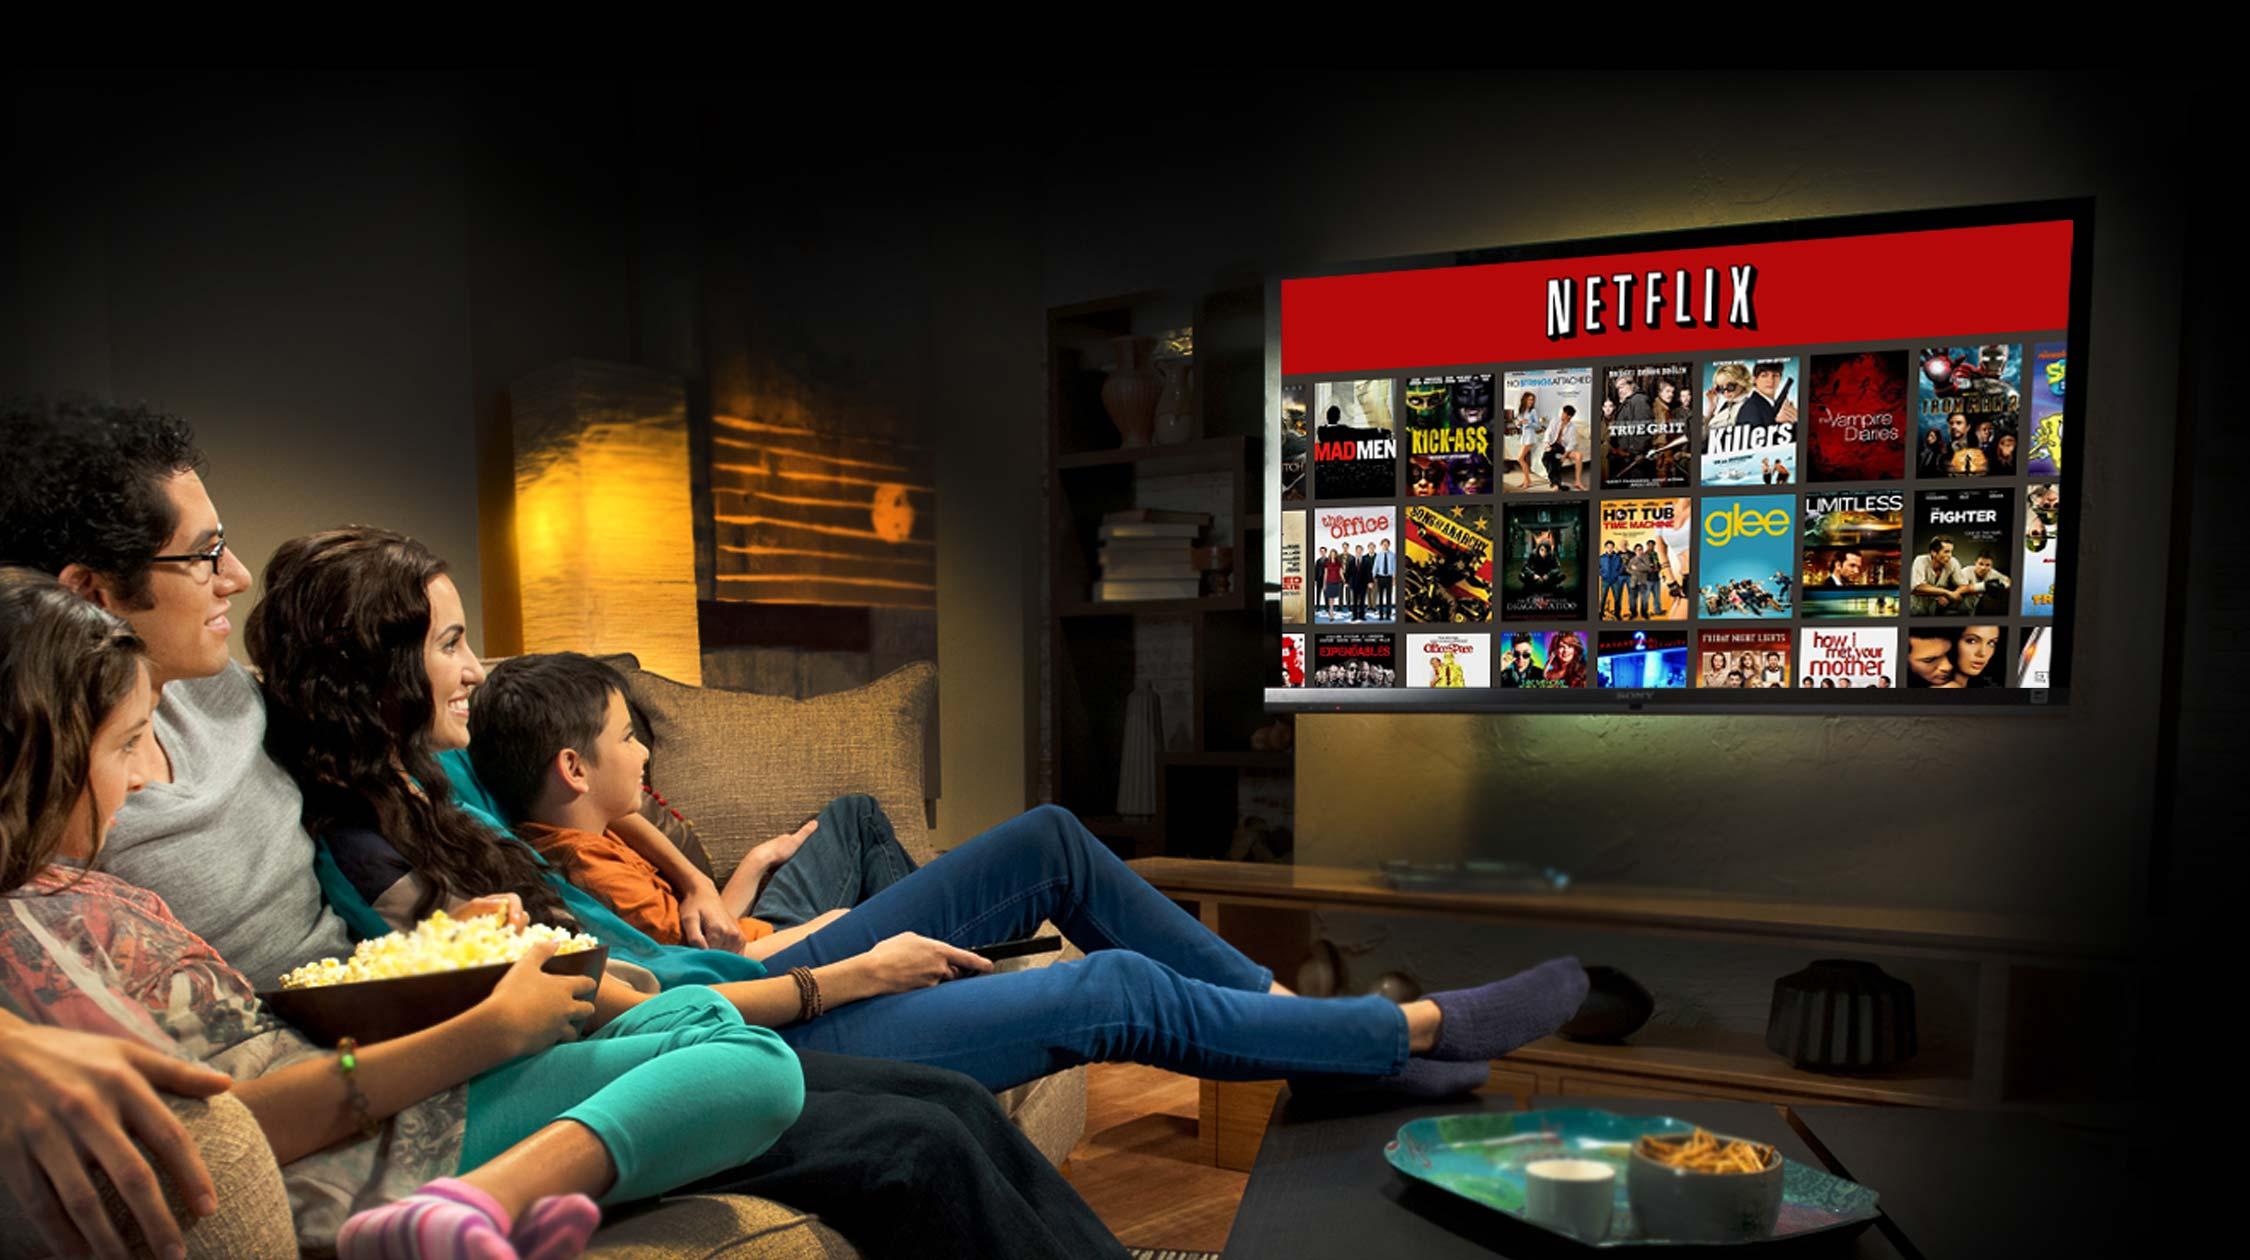 Netflix-Movie-Night-1